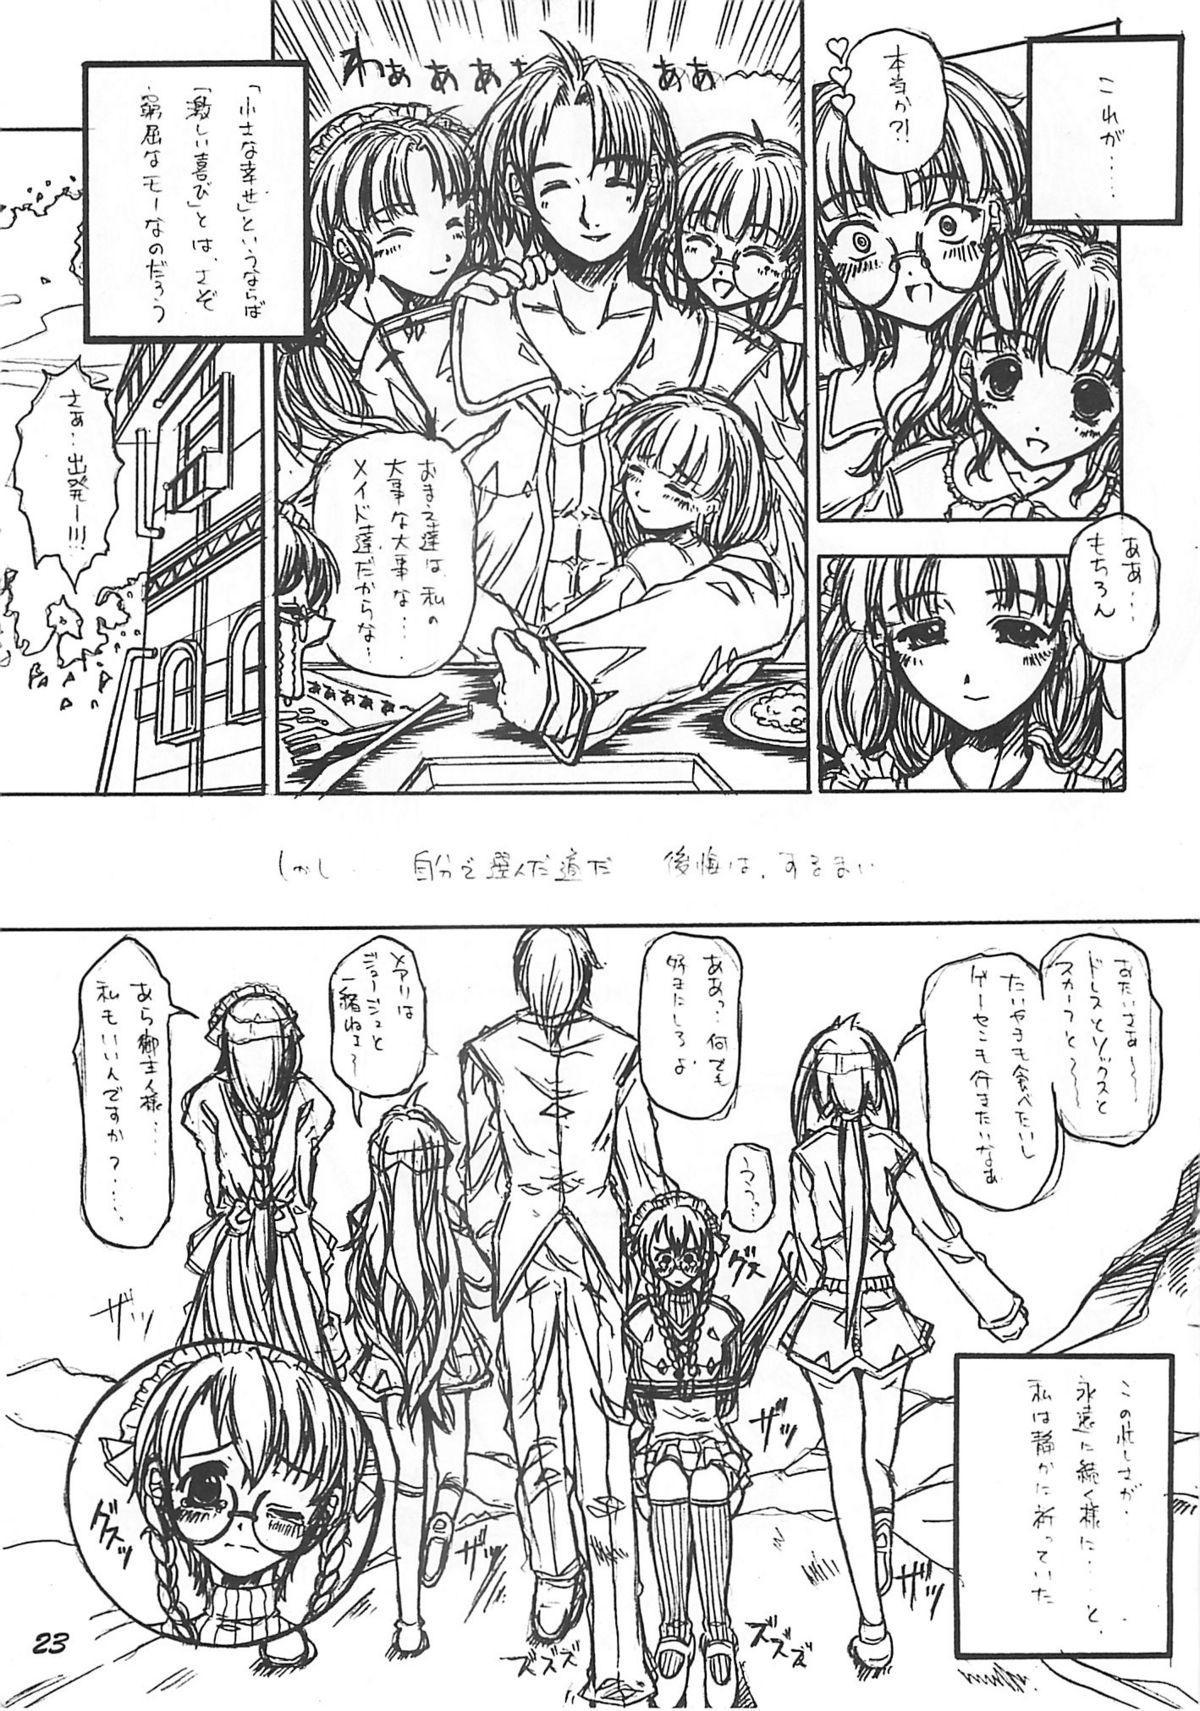 [Virgin Virus (Matsumi Jun)] Fukakutei Youso to Jinrui Kyuushi gaku no Mechanism ni kansuru Suitei Ronri (Kari) EPISODE MARY [5th Edition] 21